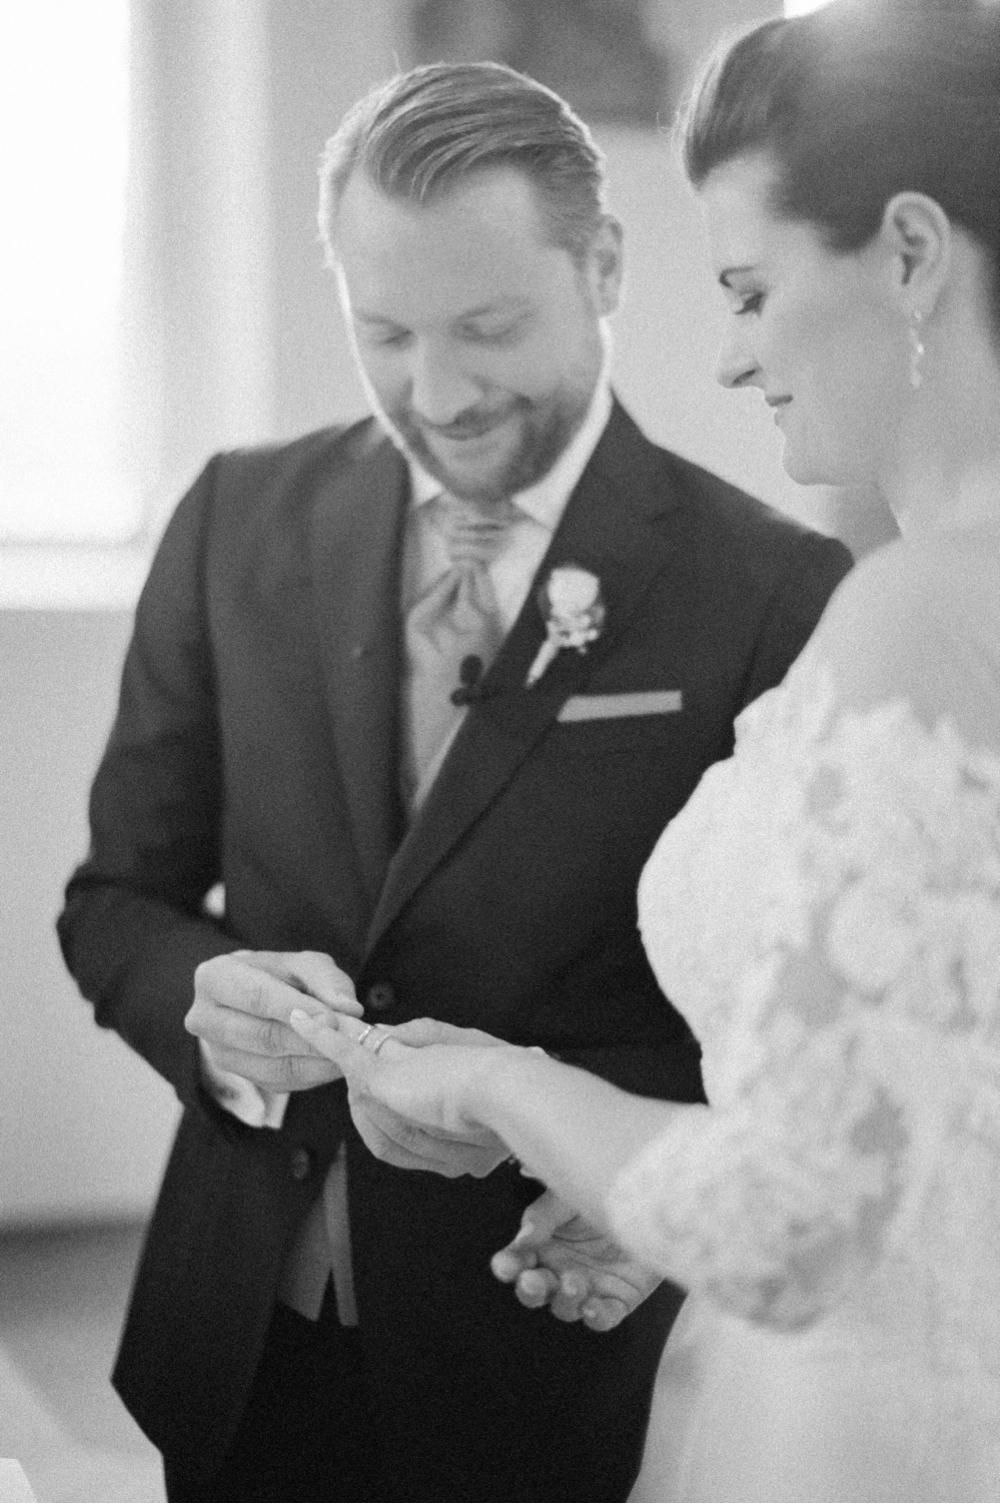 Hochzeitsfotograf_Voralberg_Bregenz_Bodensee©MadalinaSheldon__0025.jpg